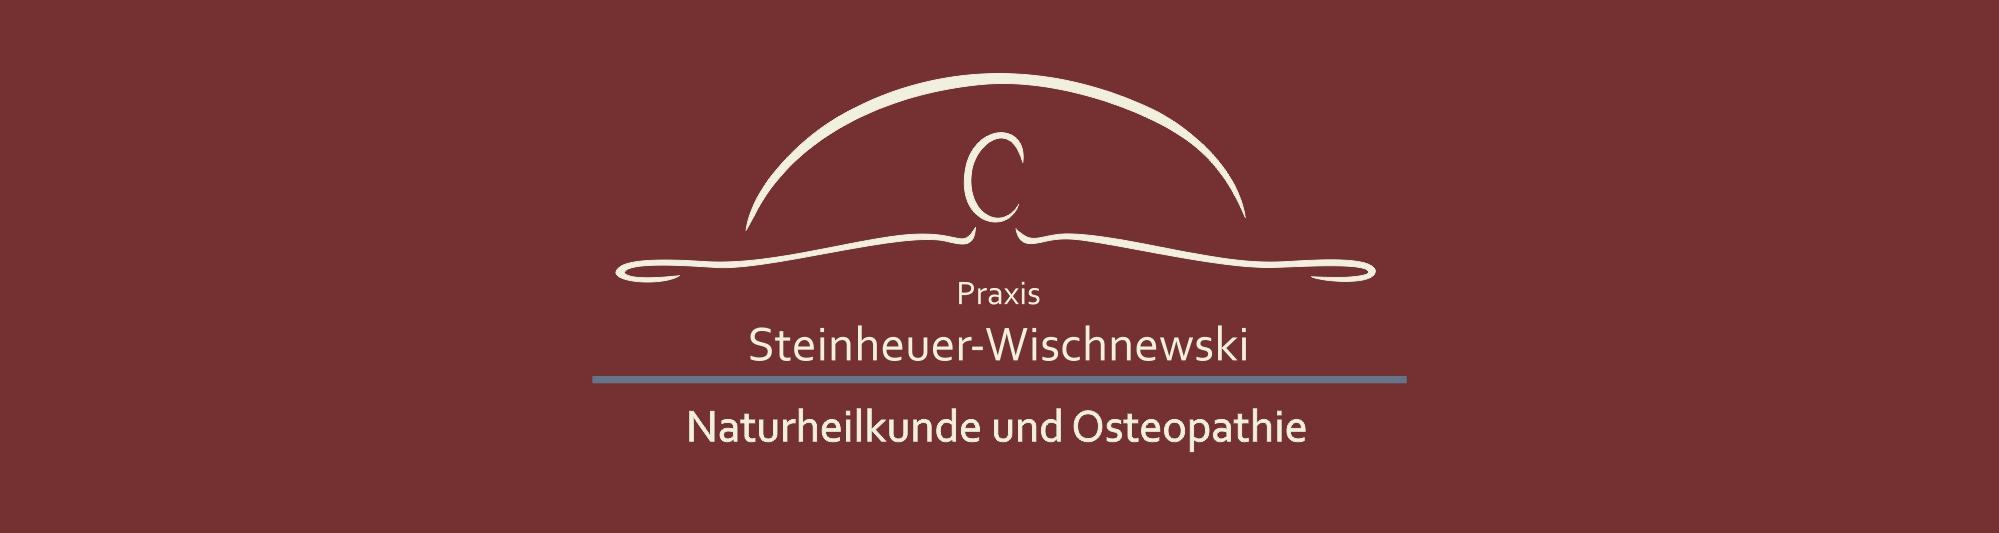 Osteopathie Steinheuer-Wischnewski